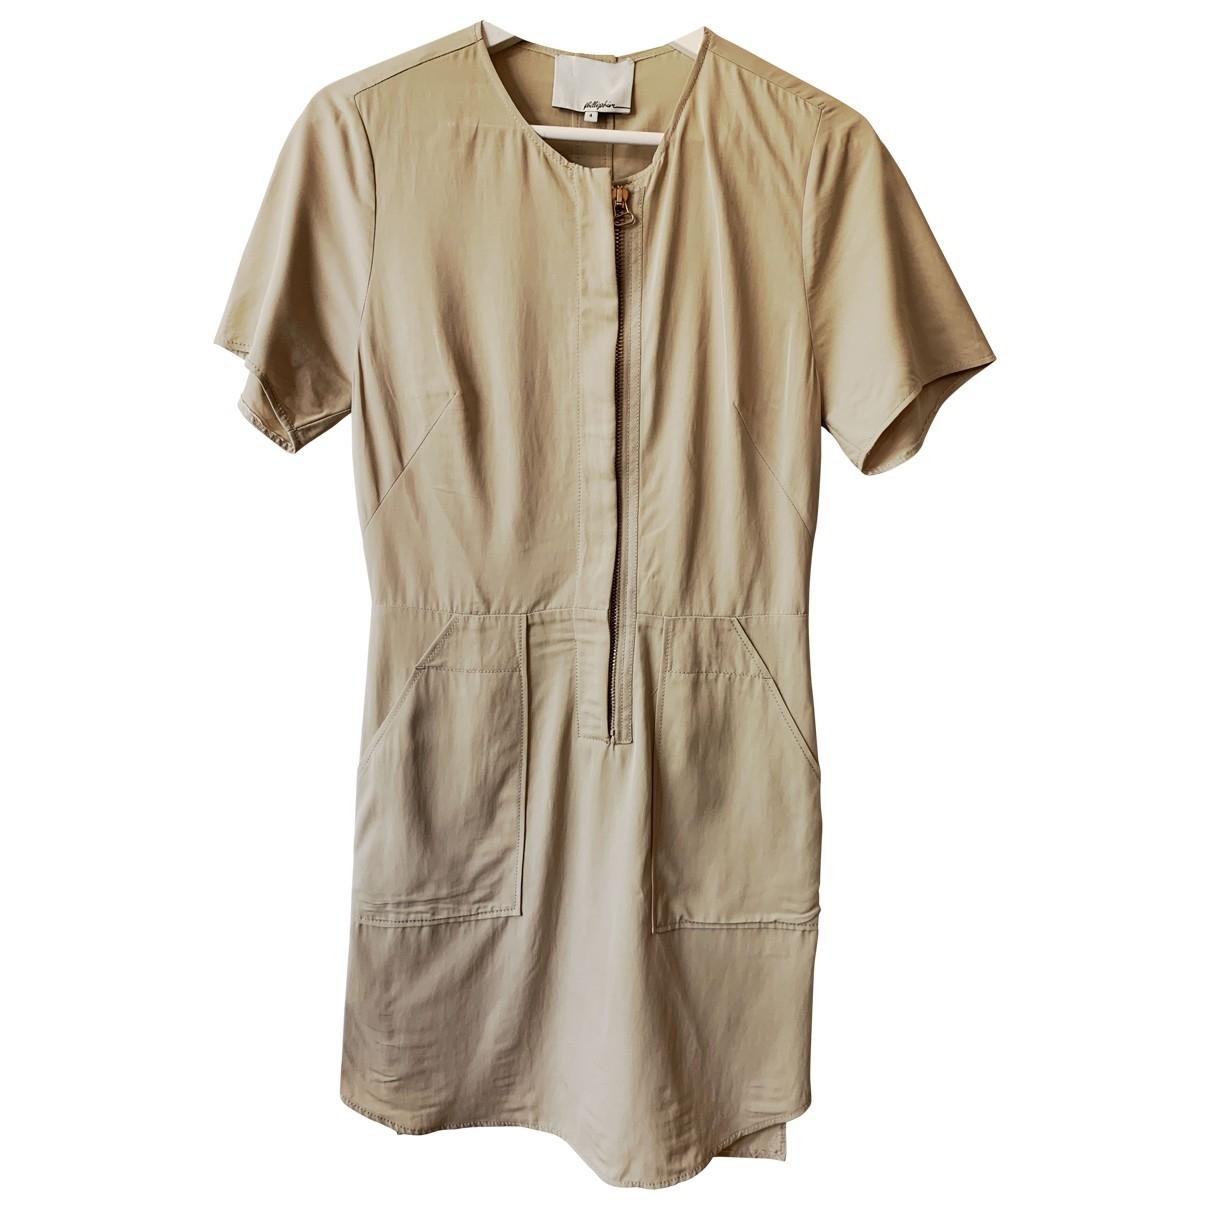 3.1 Phillip Lim \N Kleid in  Beige Synthetik